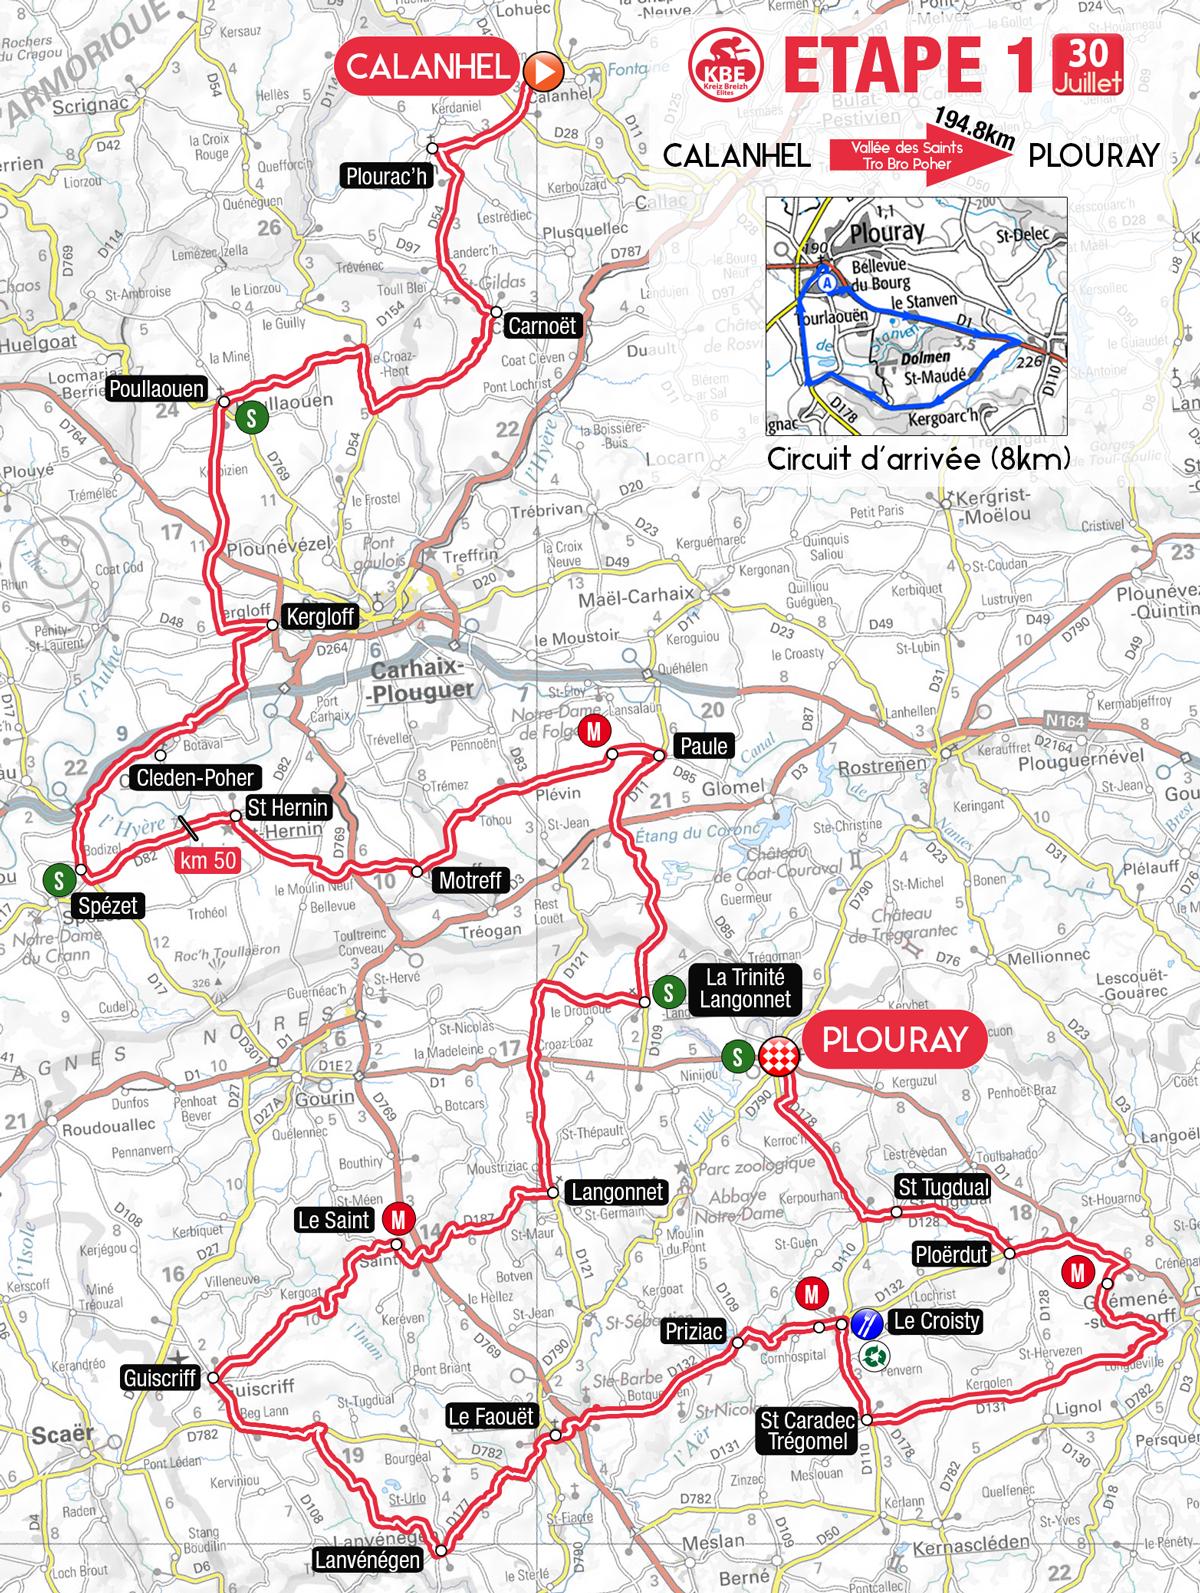 etape12016